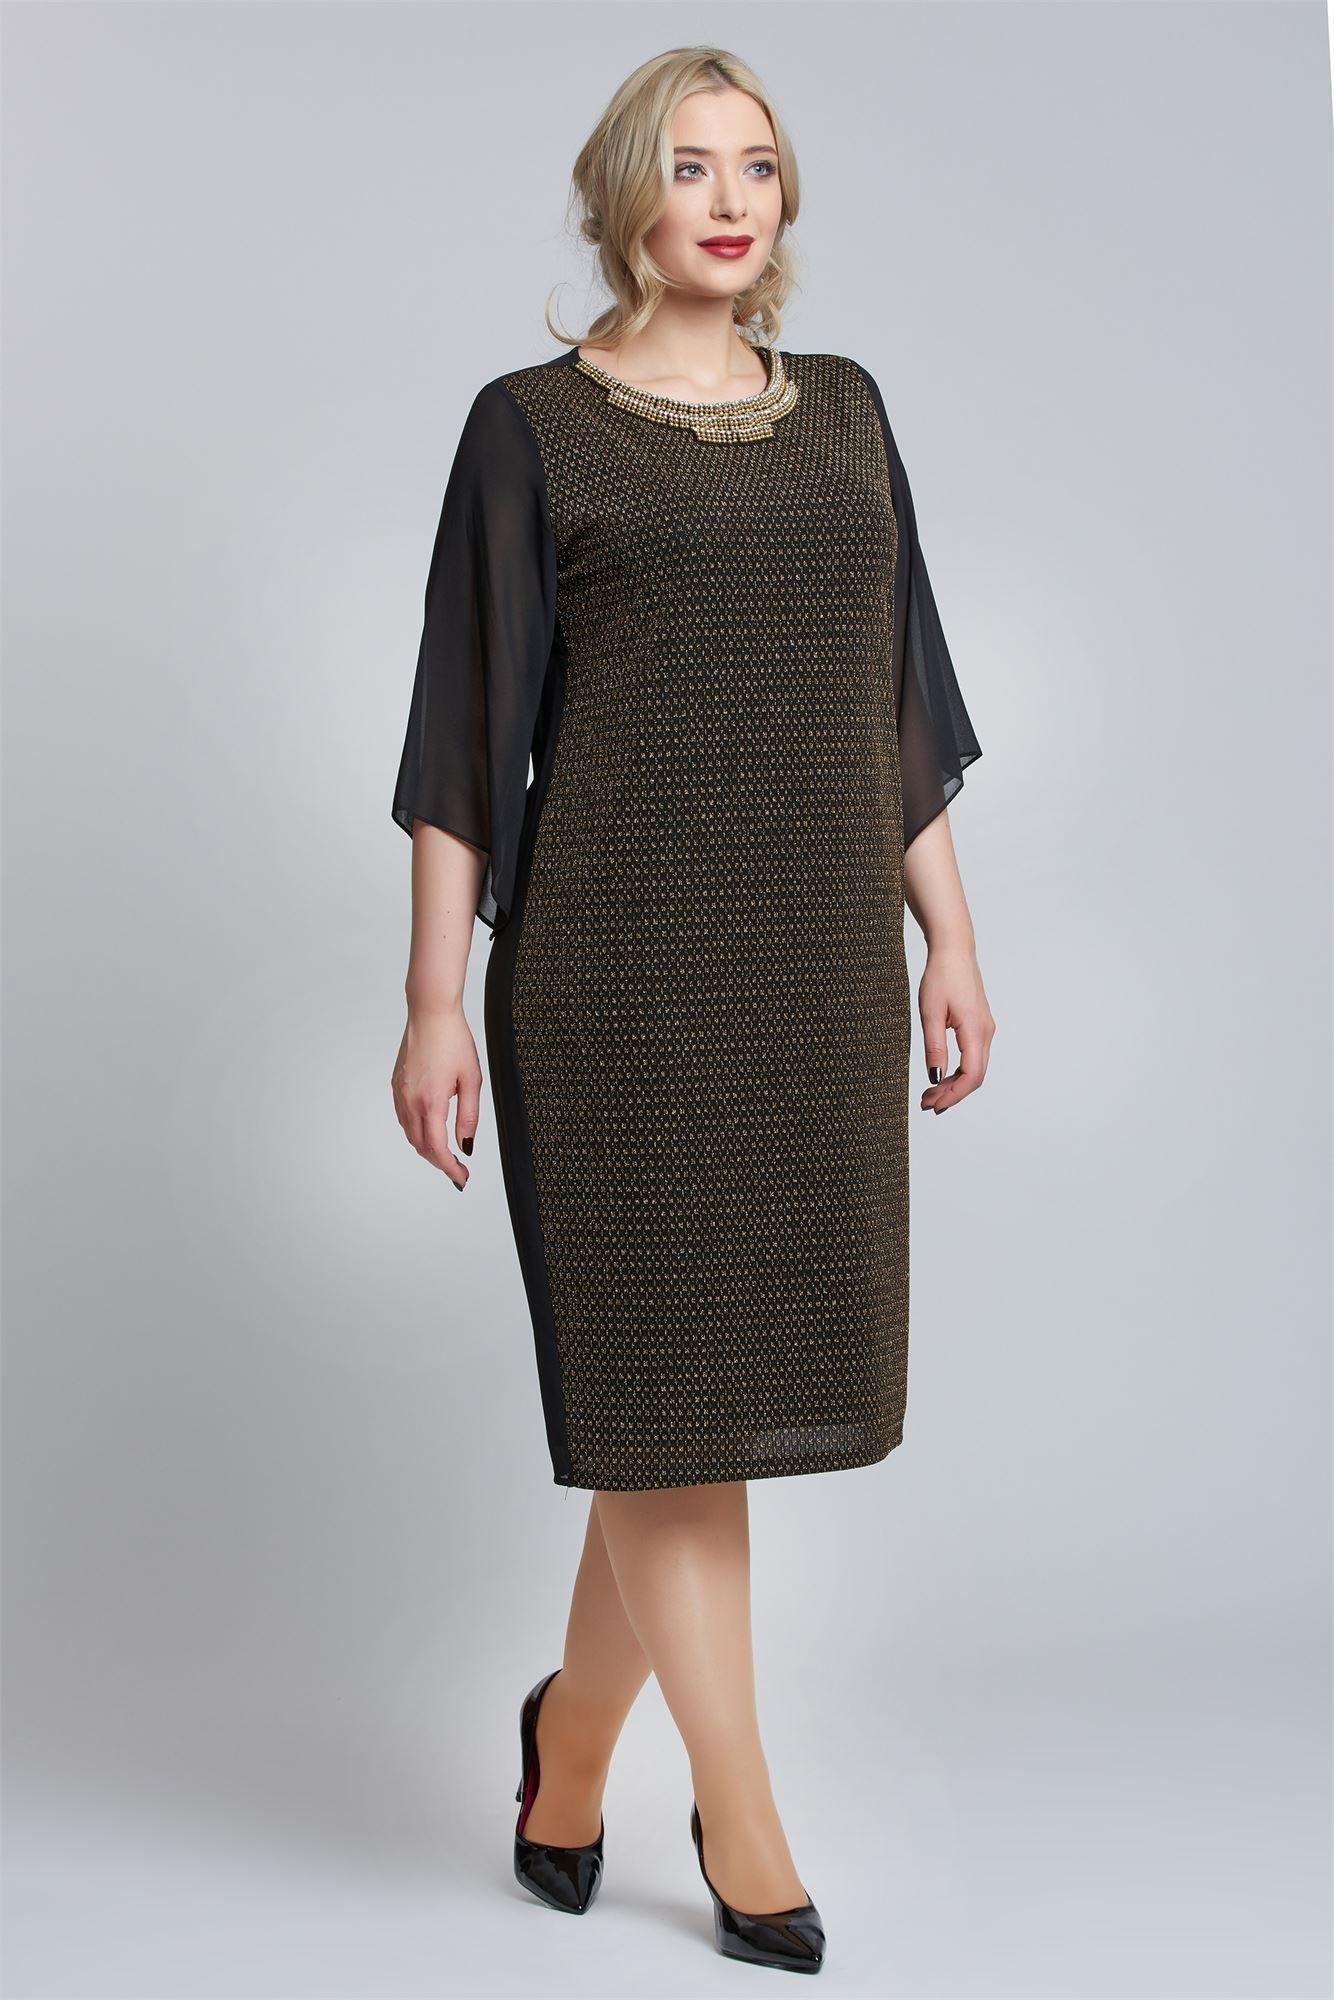 Yakasi Islemeli Abiye Elbise N11 Com Elbise The Dress Moda Stilleri